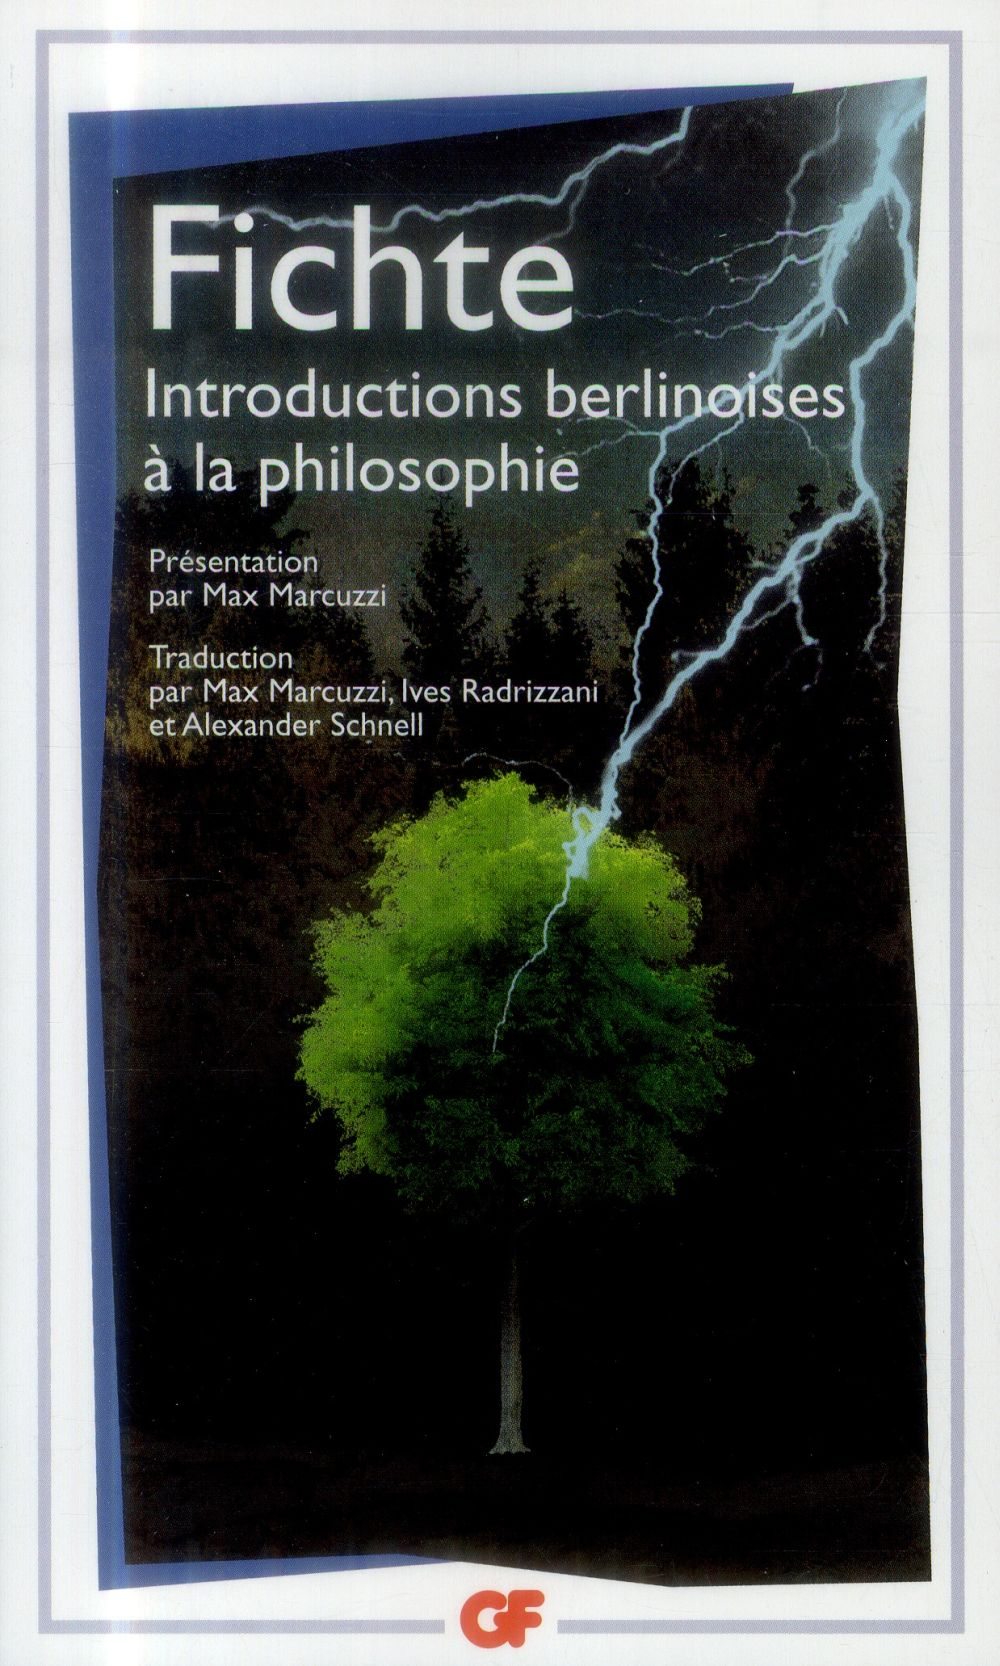 INTRODUCTIONS BERLINOISES A LA PHILOSOPHIE